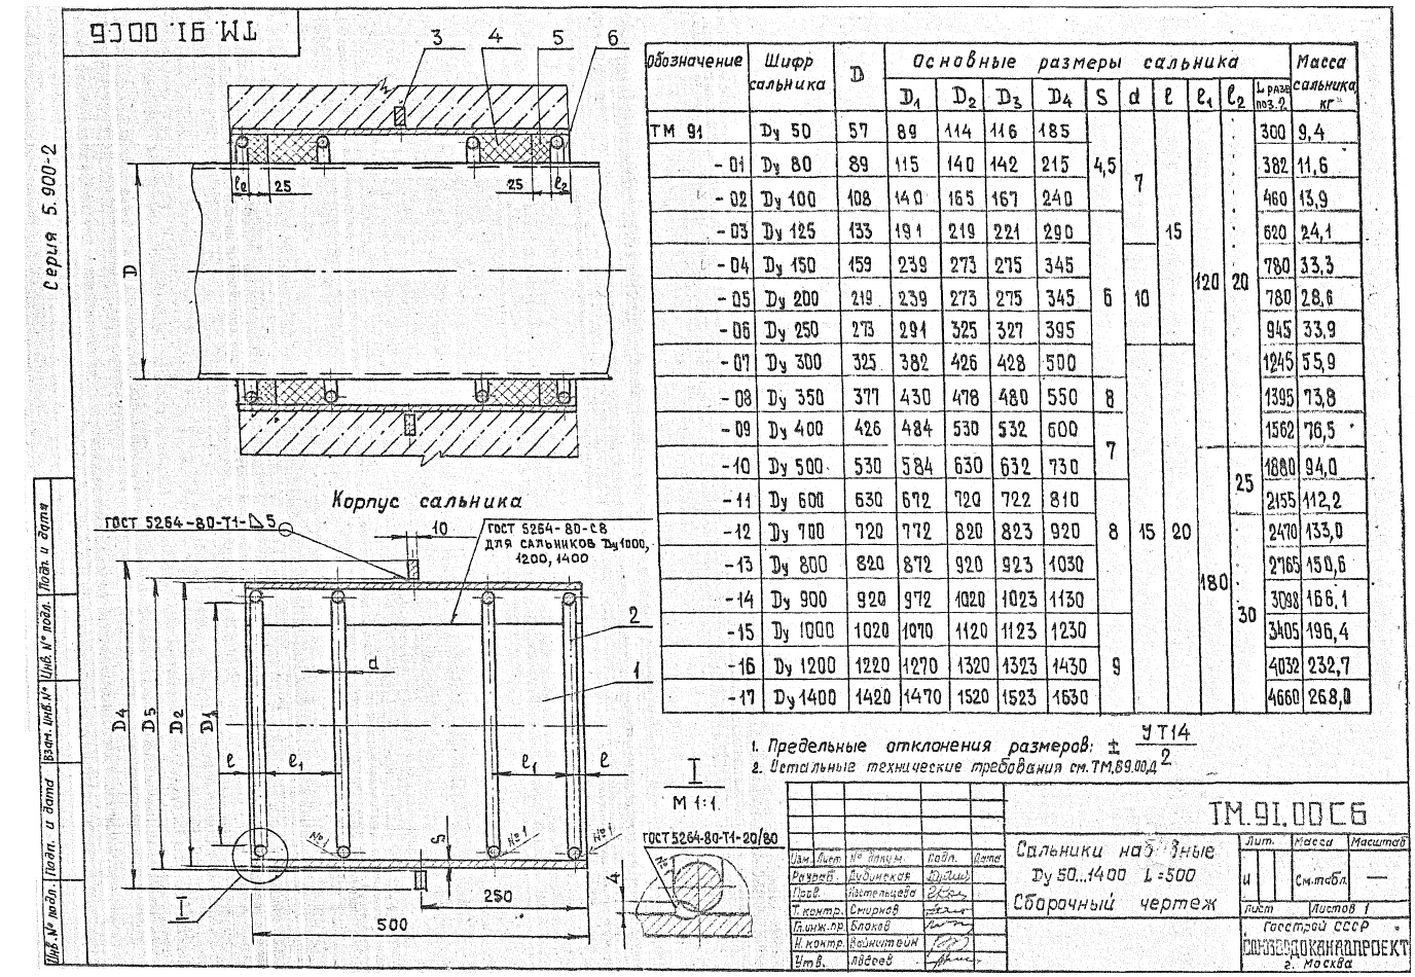 Сальники набивные ТМ.91.00 серия 5.900-2 стр.1